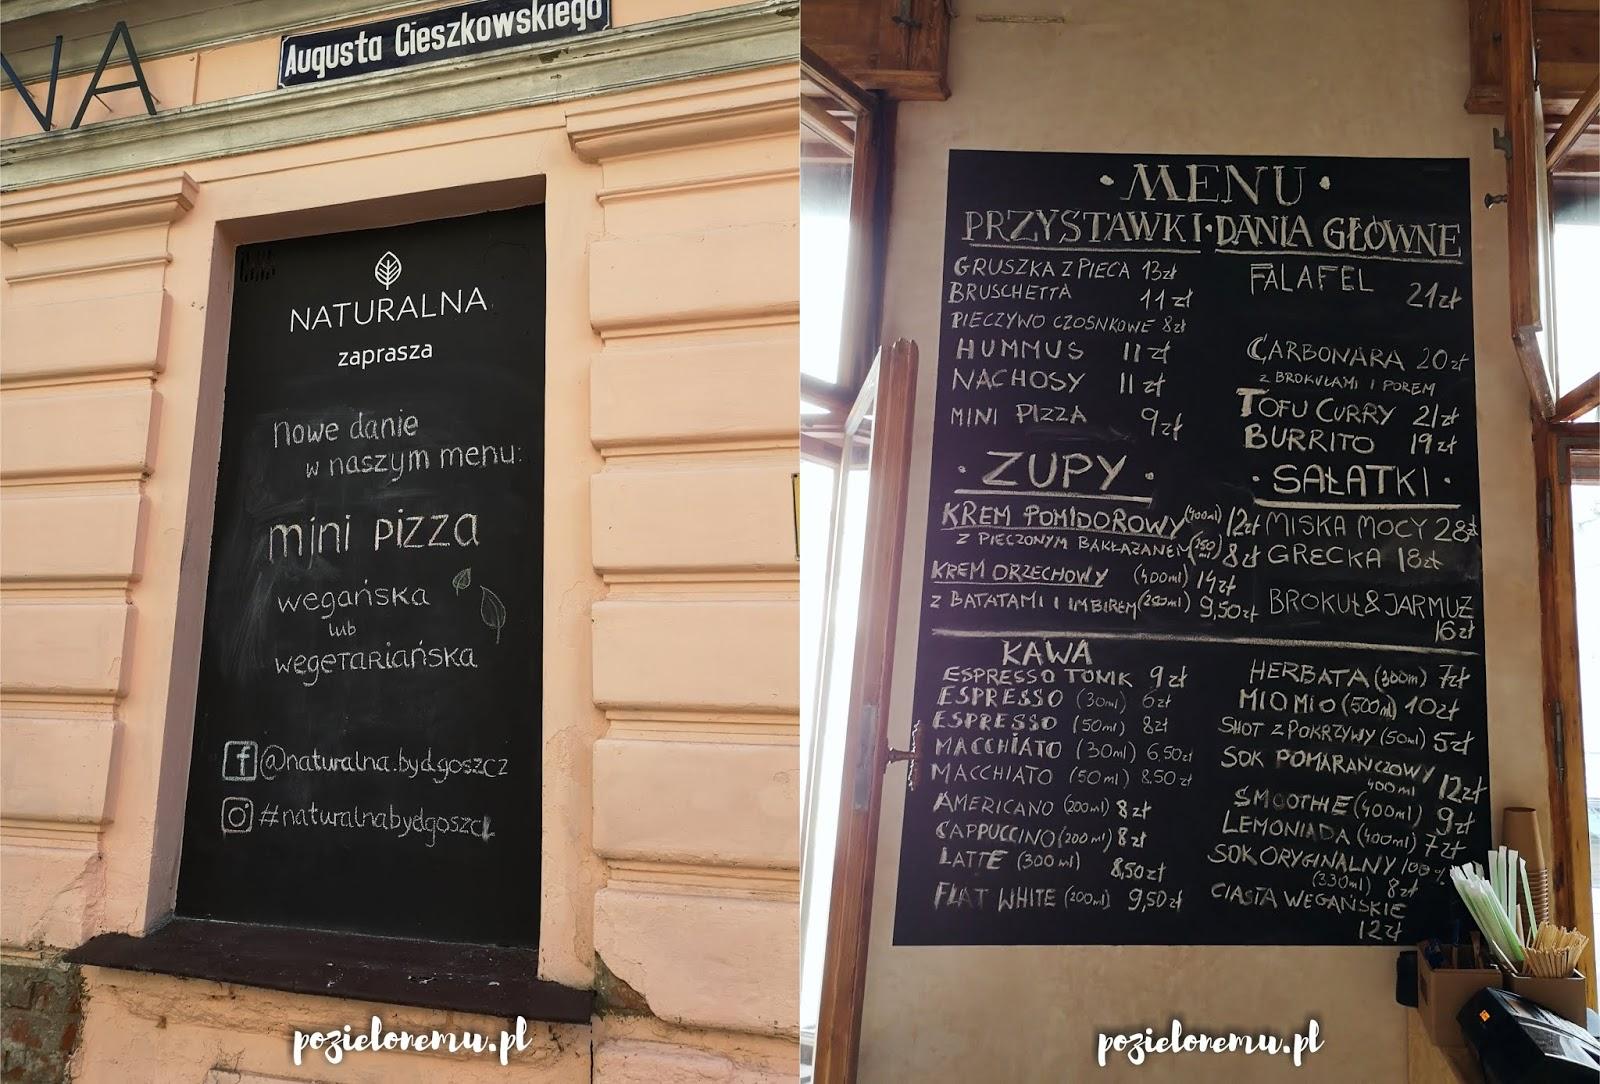 Restauracja Naturalna w Bydgoszczy